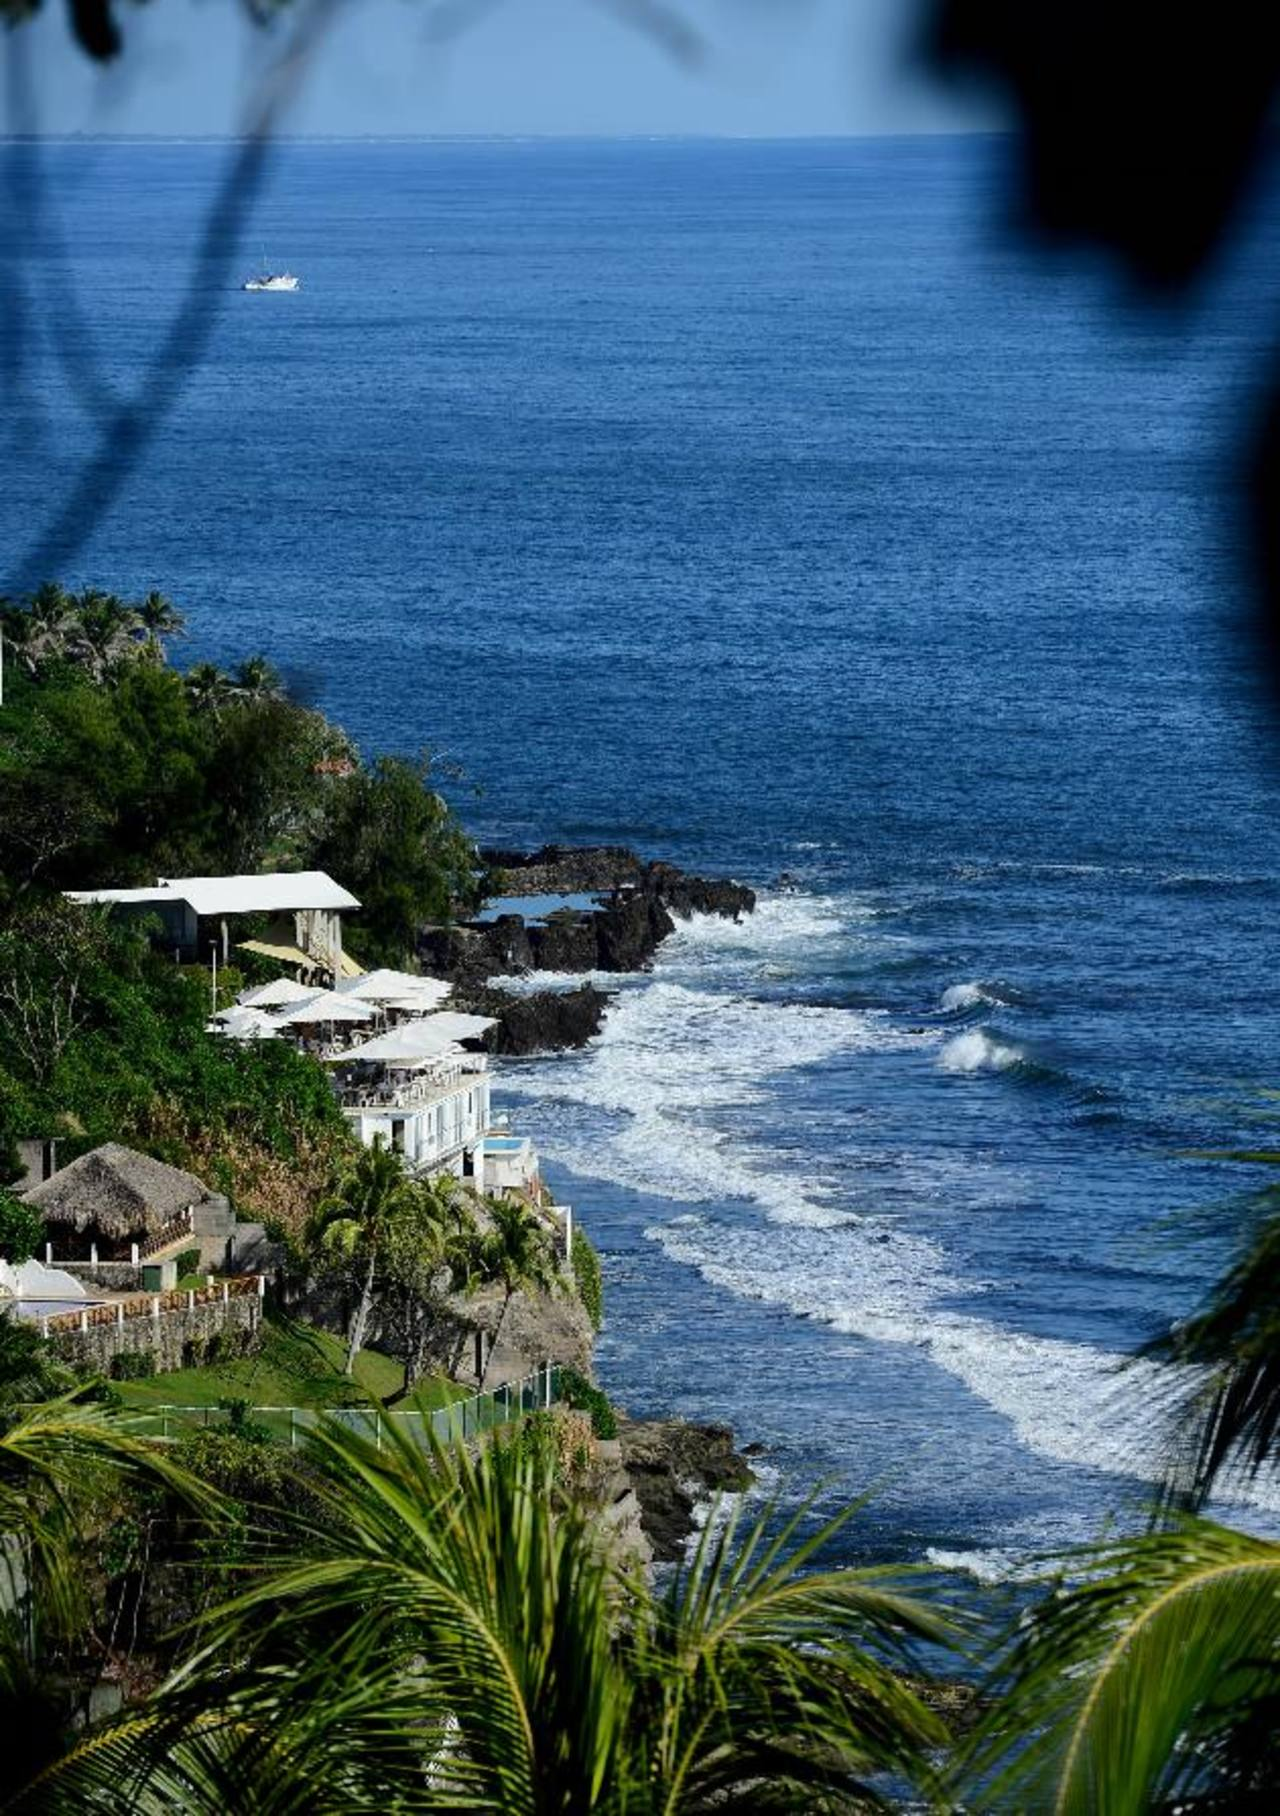 La mayor parte del Fomilenio II se pretende dirigir a inversiones en la zona costera marina. foto edh / mario amaya